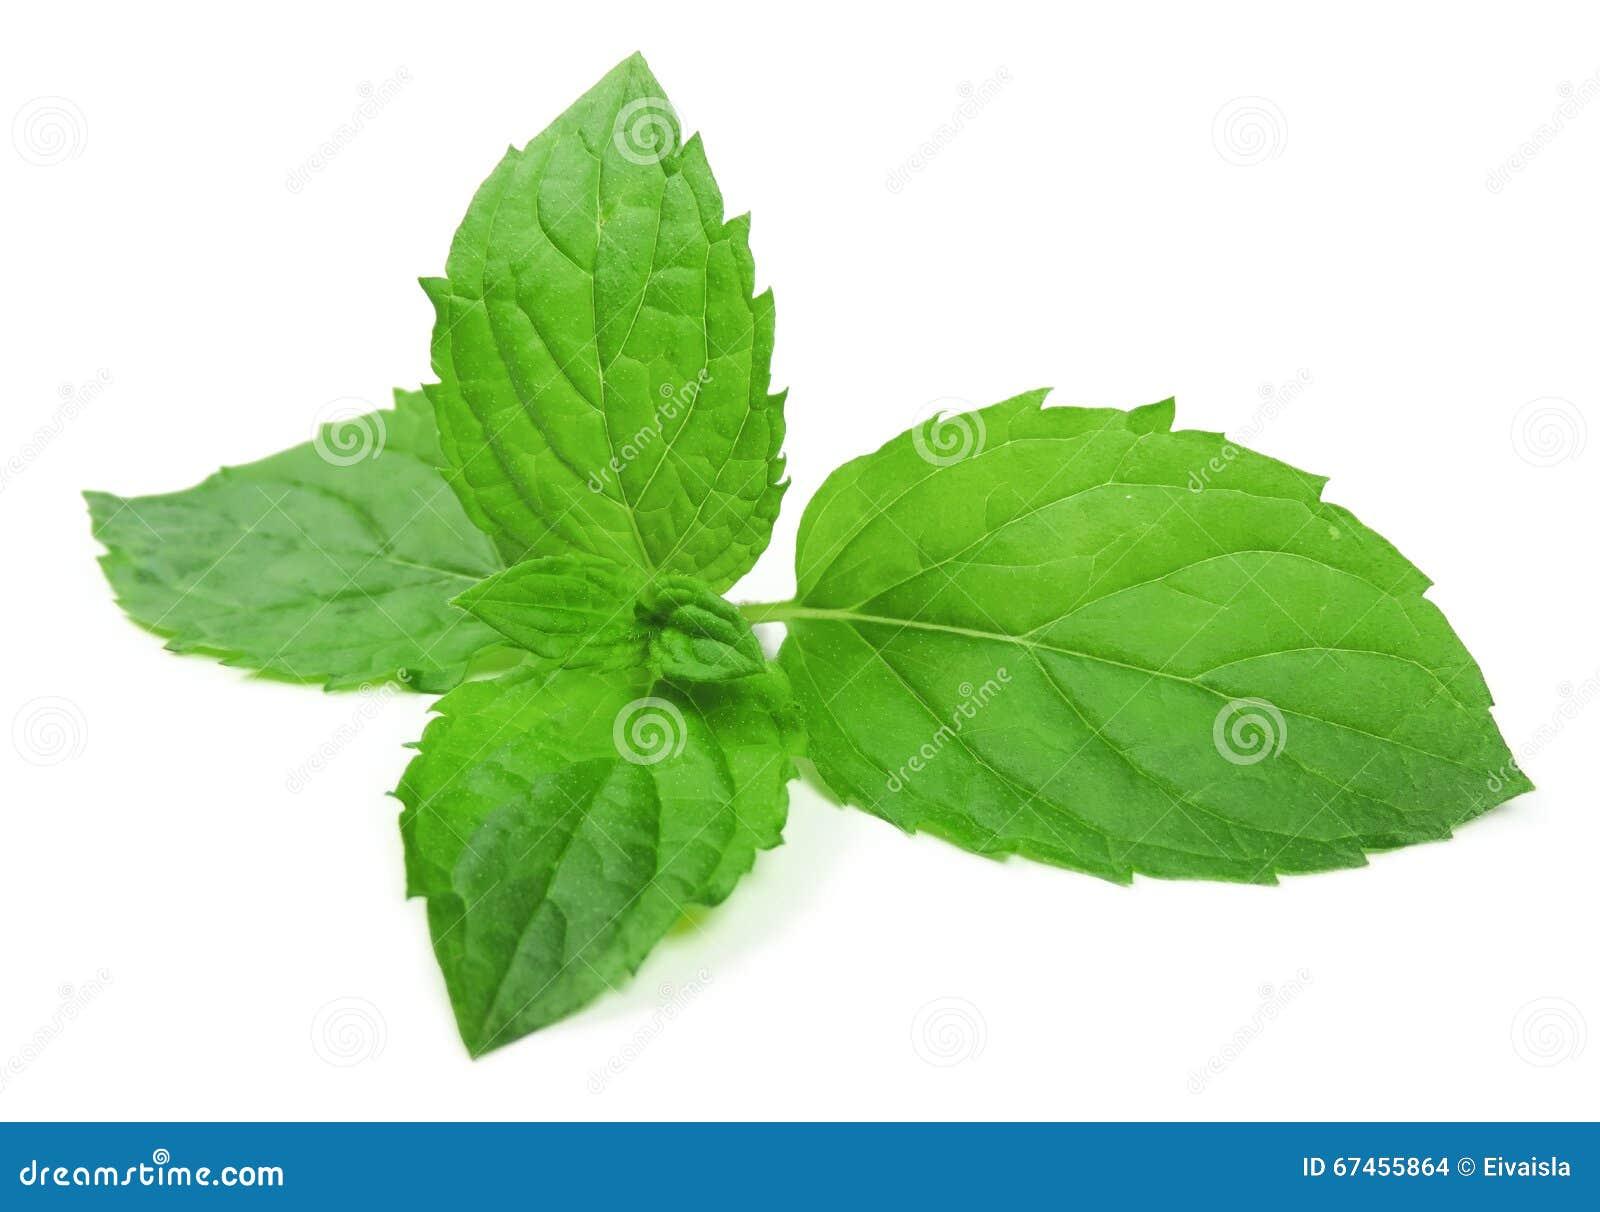 薄荷叶子,在白色 薄荷的叶子.图片